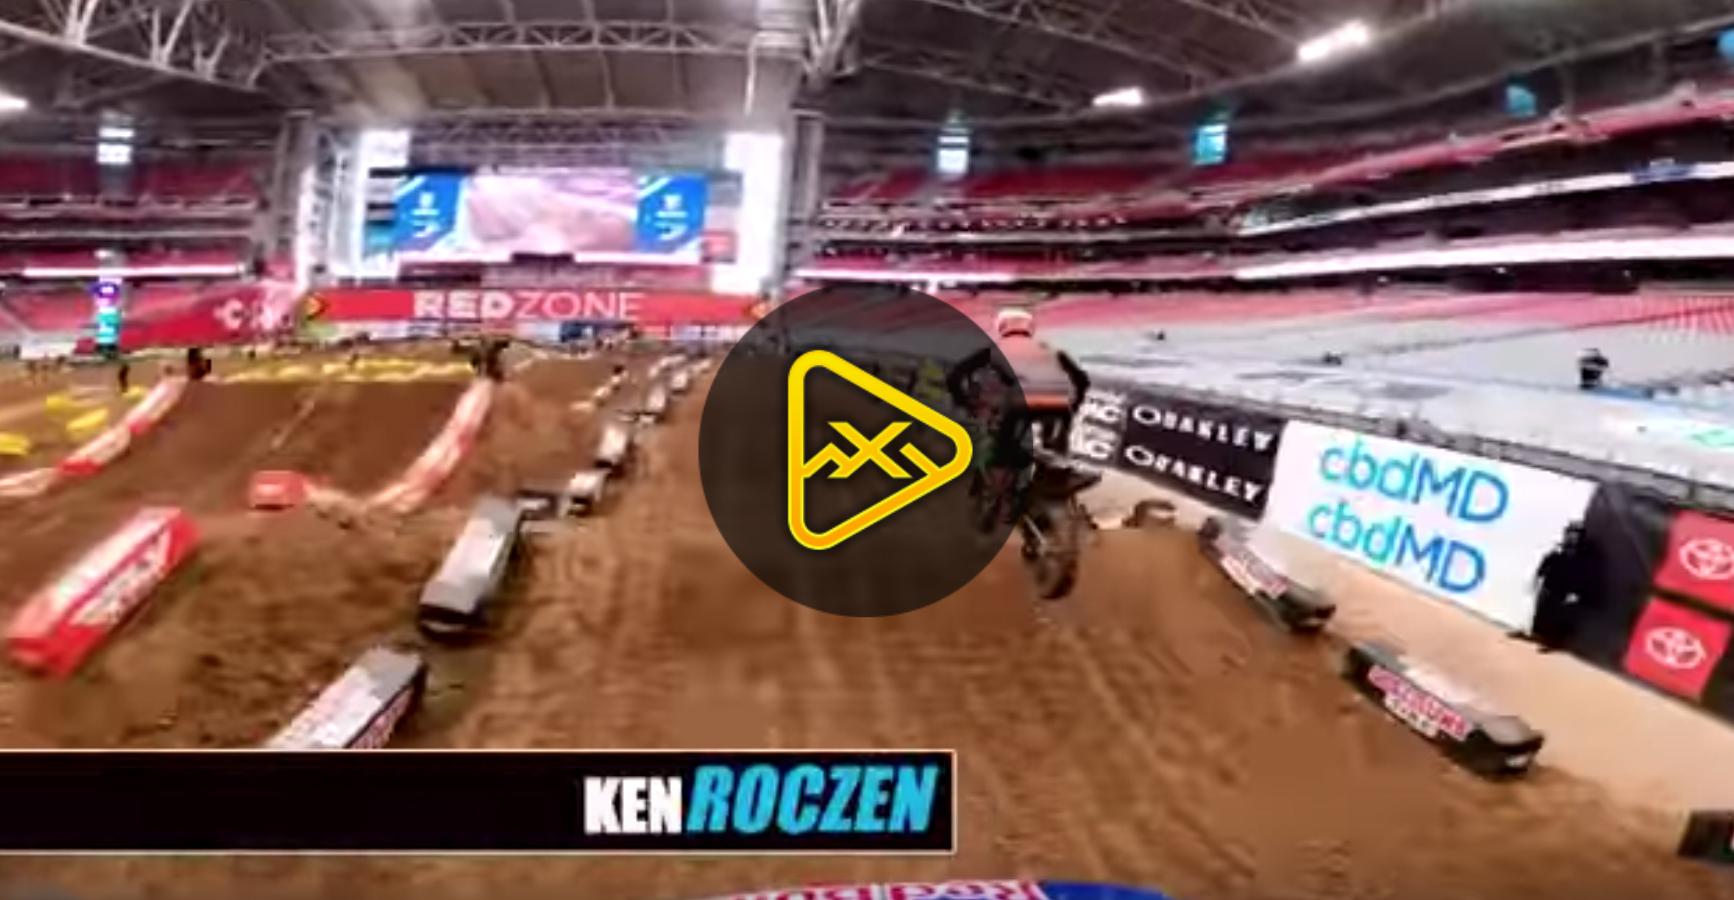 GoPro: Ken Roczen 2020 Glendale SX Qualifying